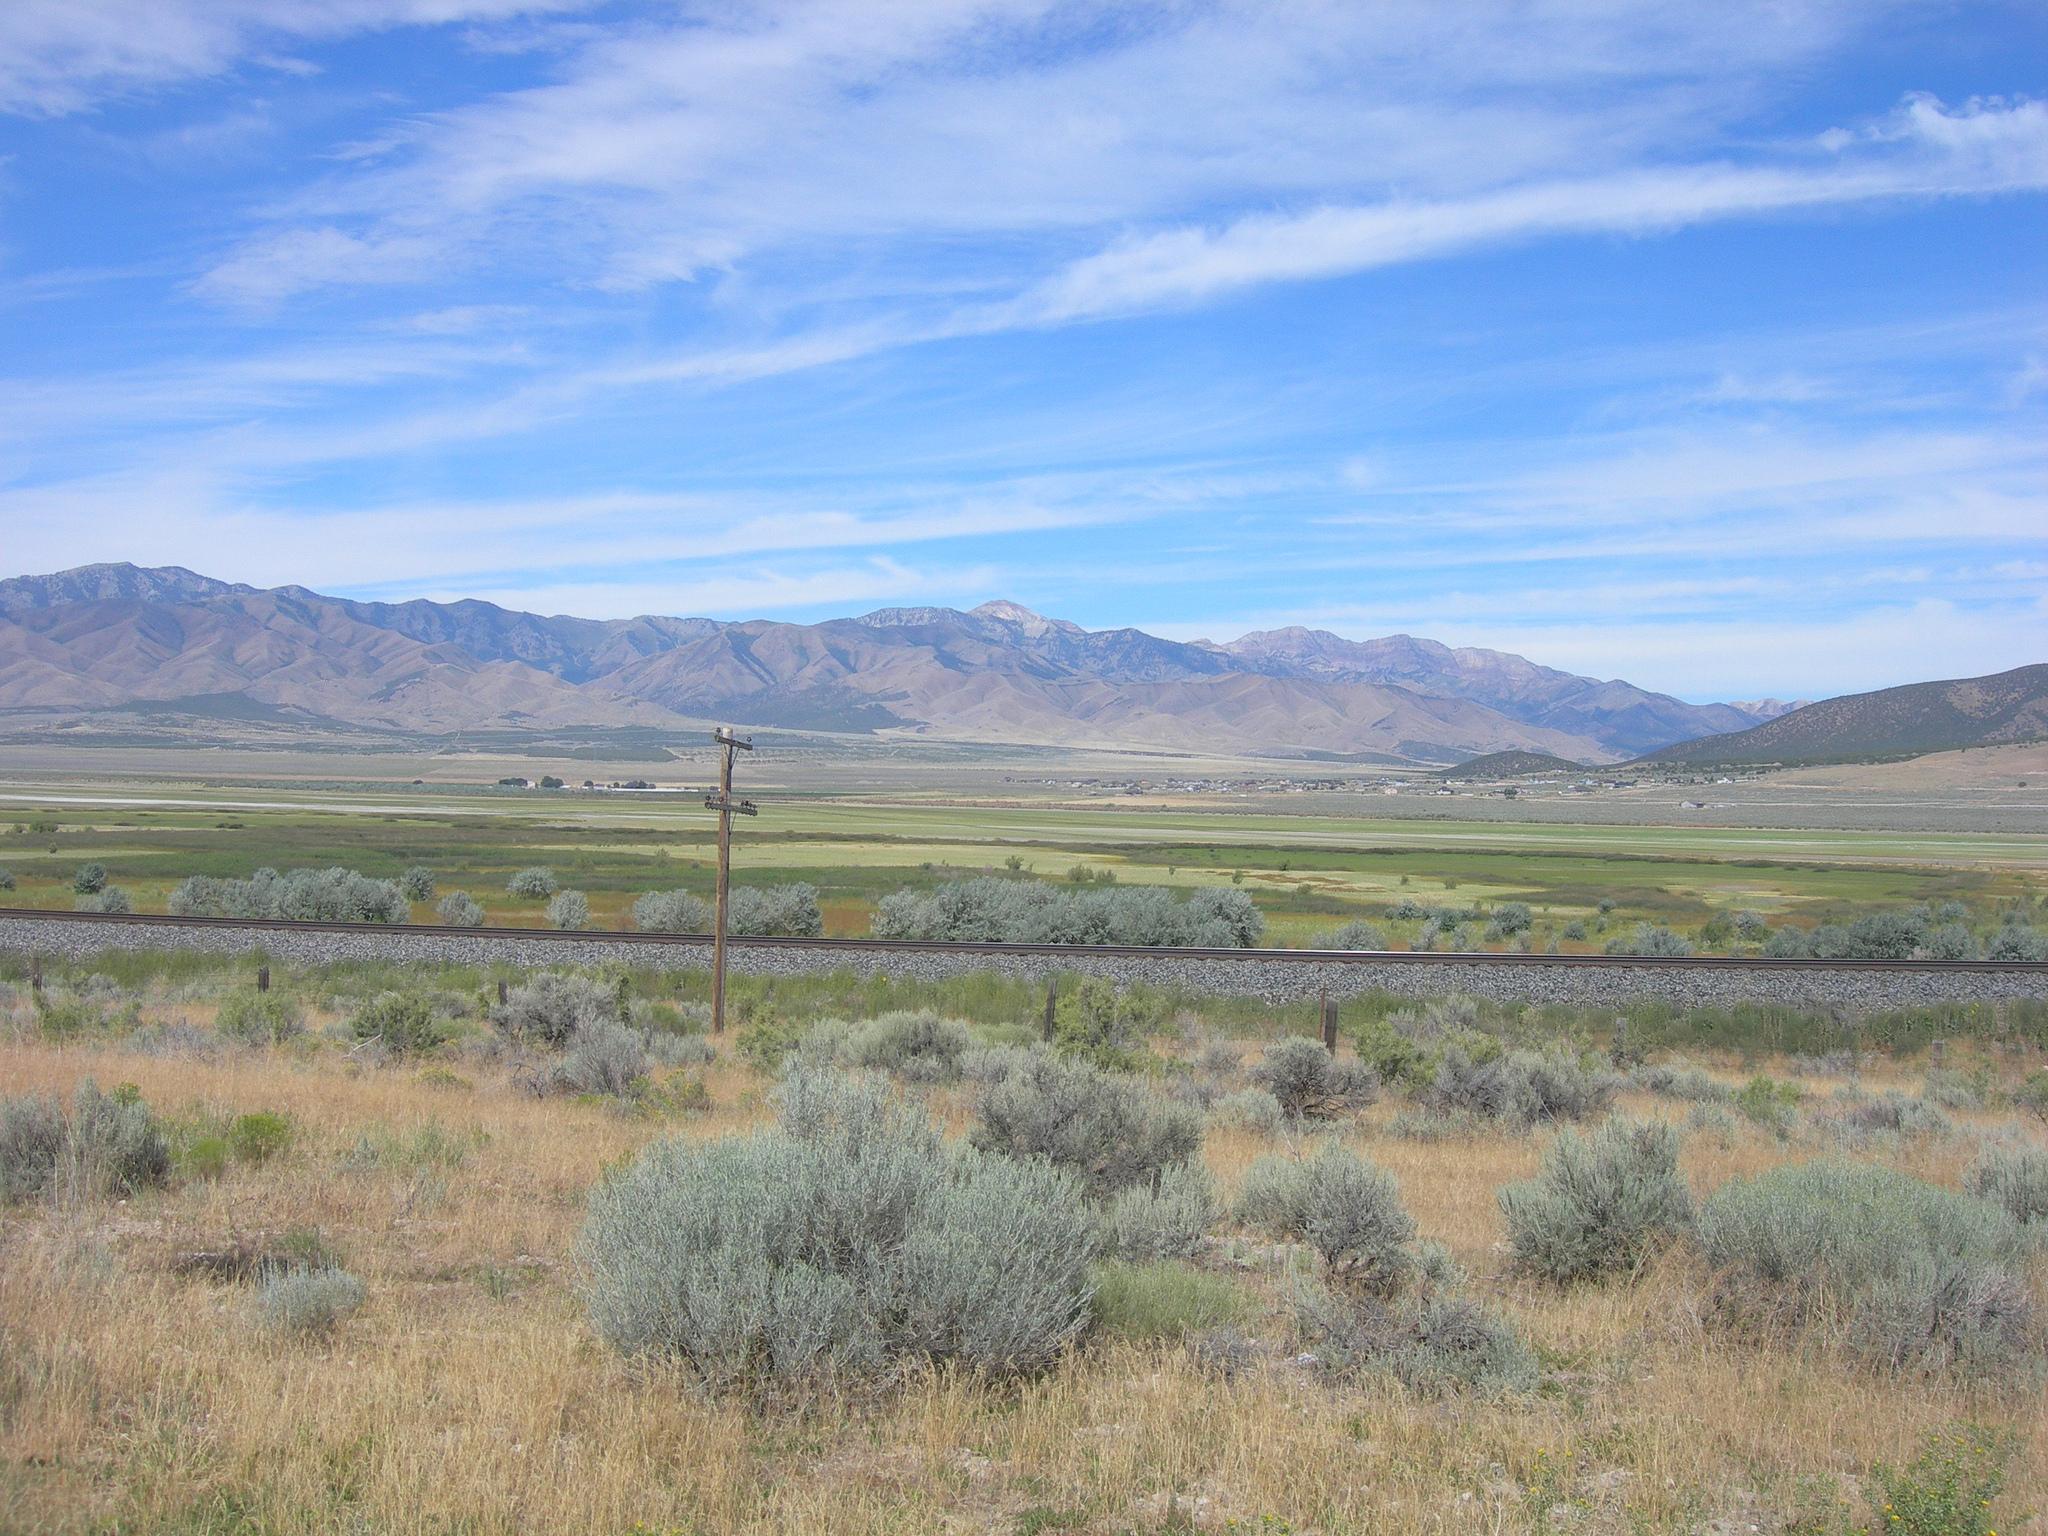 Utah S West Desert One Of The Most Remote Spots In Utah